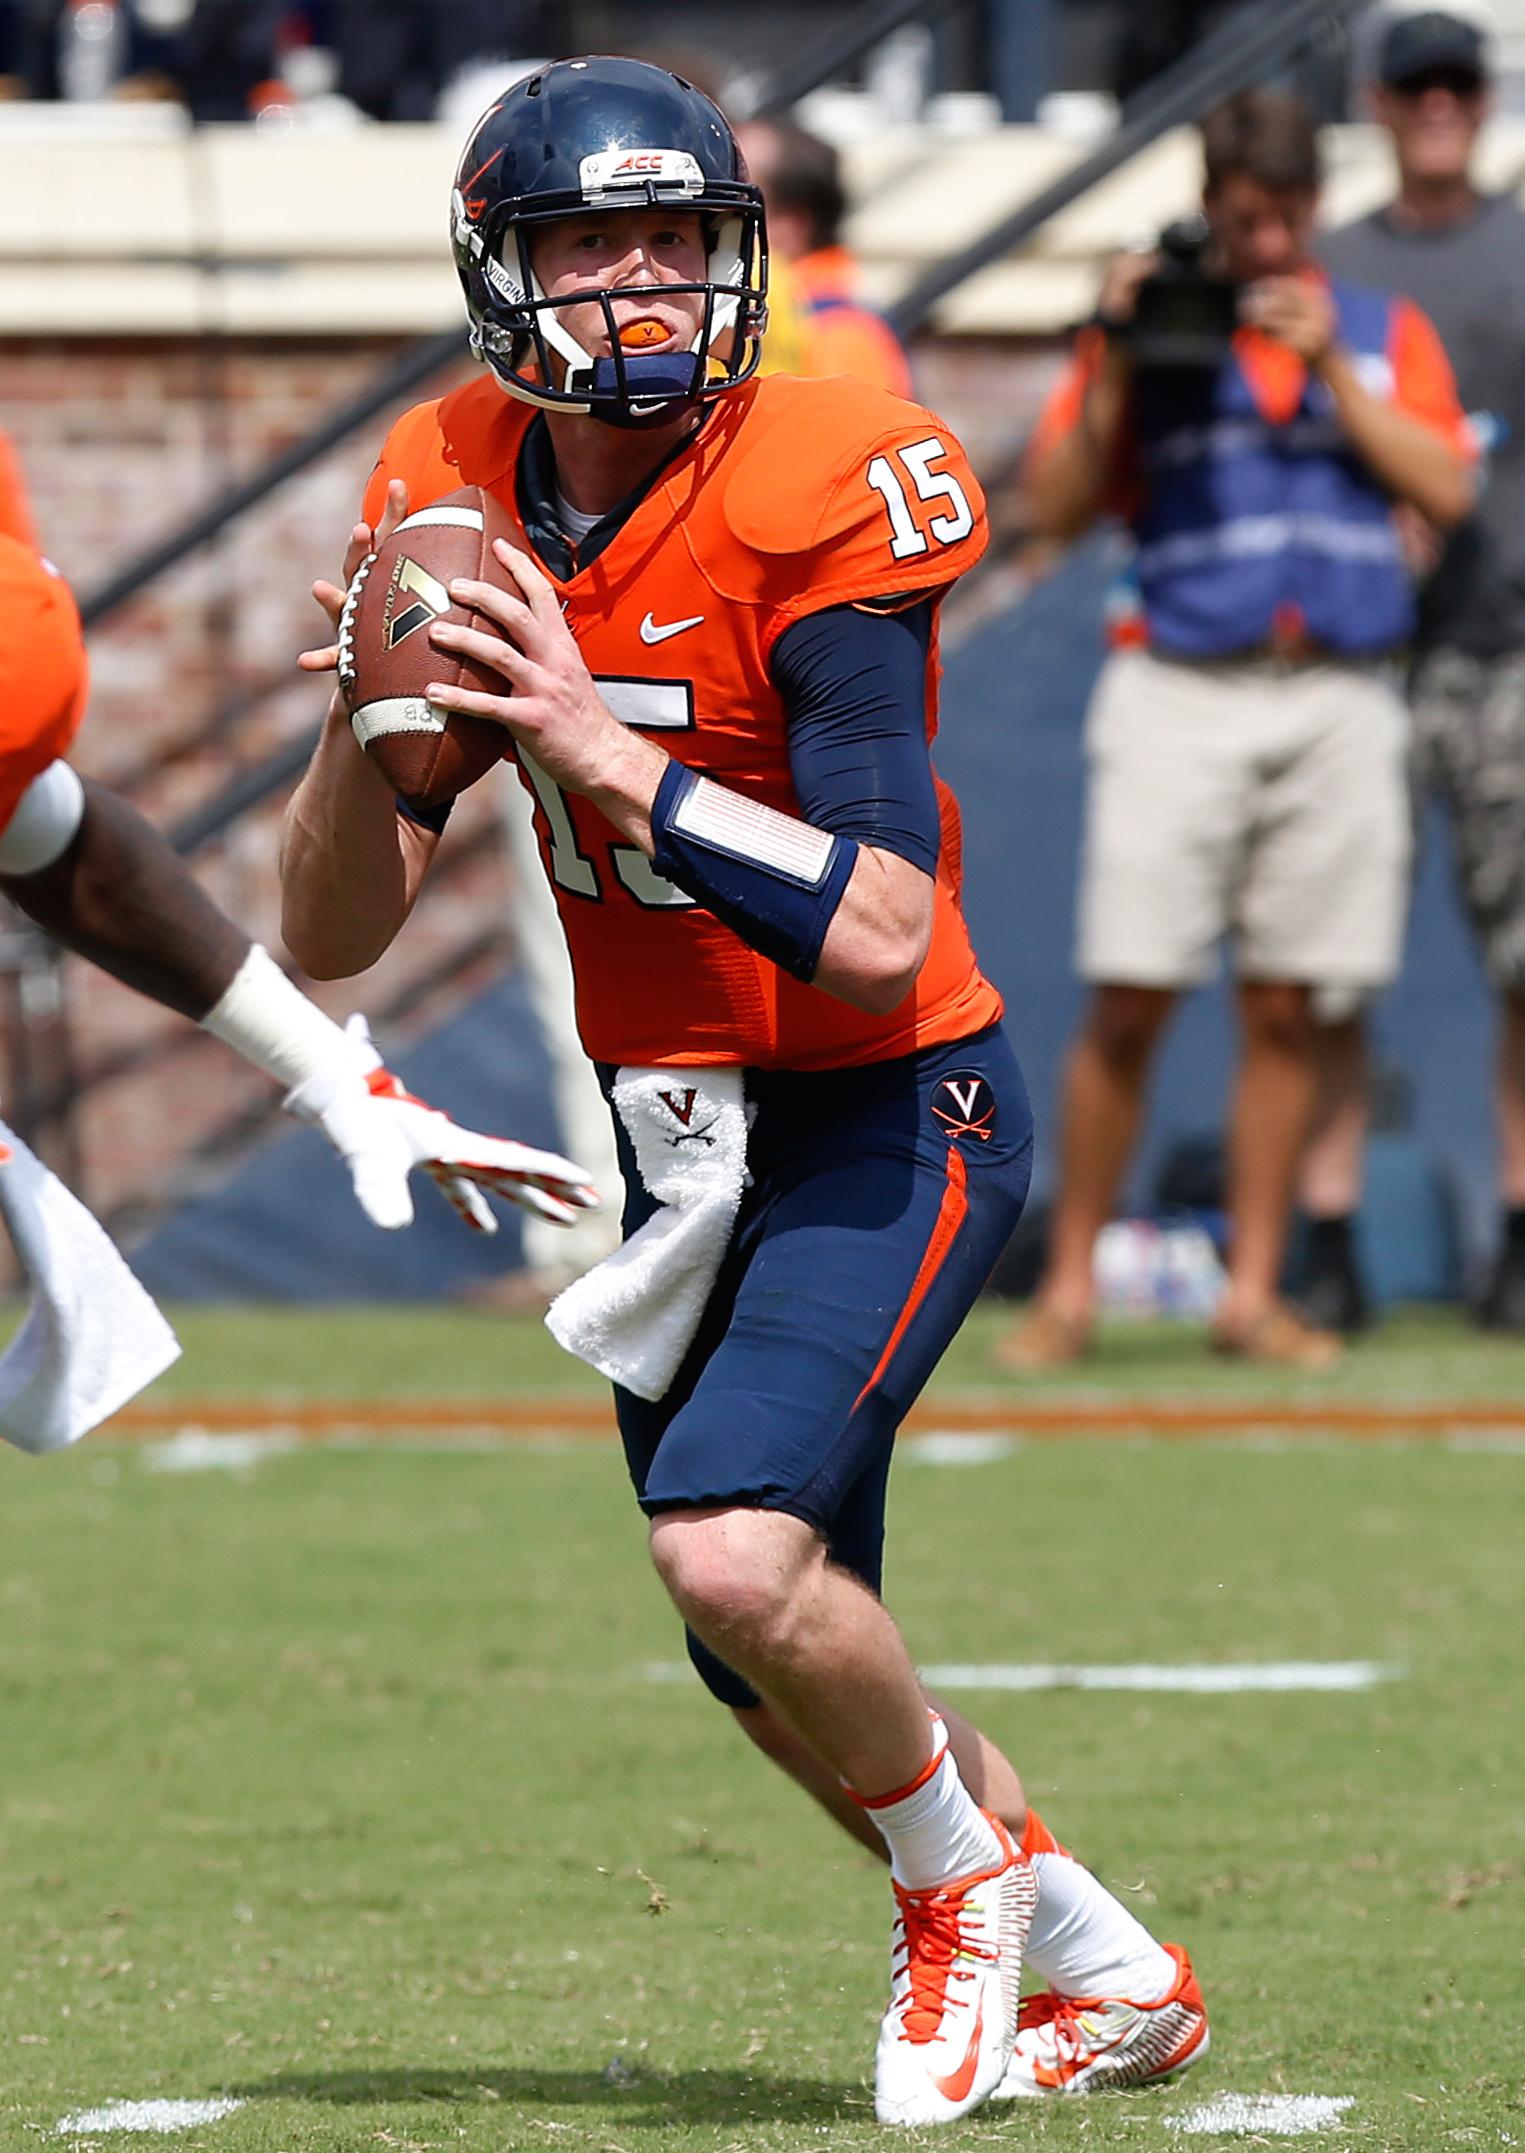 Virginia's starting quarterback, Matt Johns